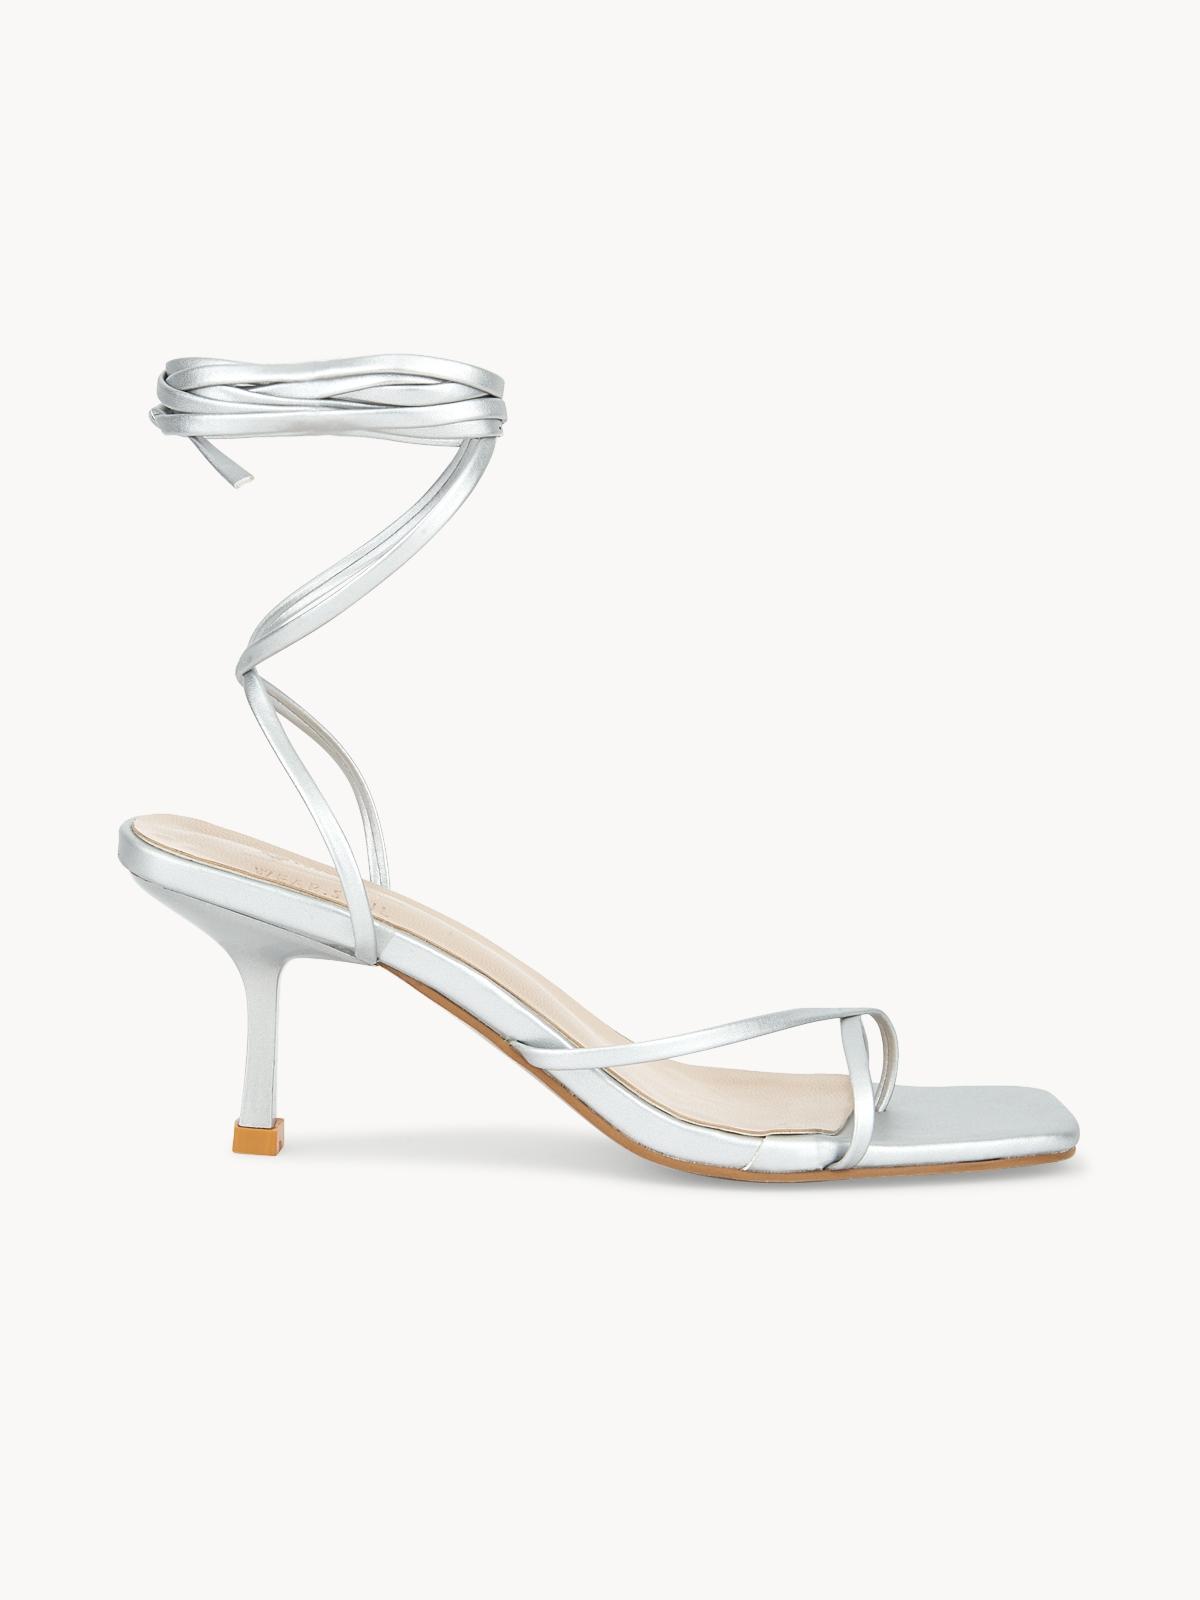 Pomelo x Wear Soul Strapped Sandal Heels Silver